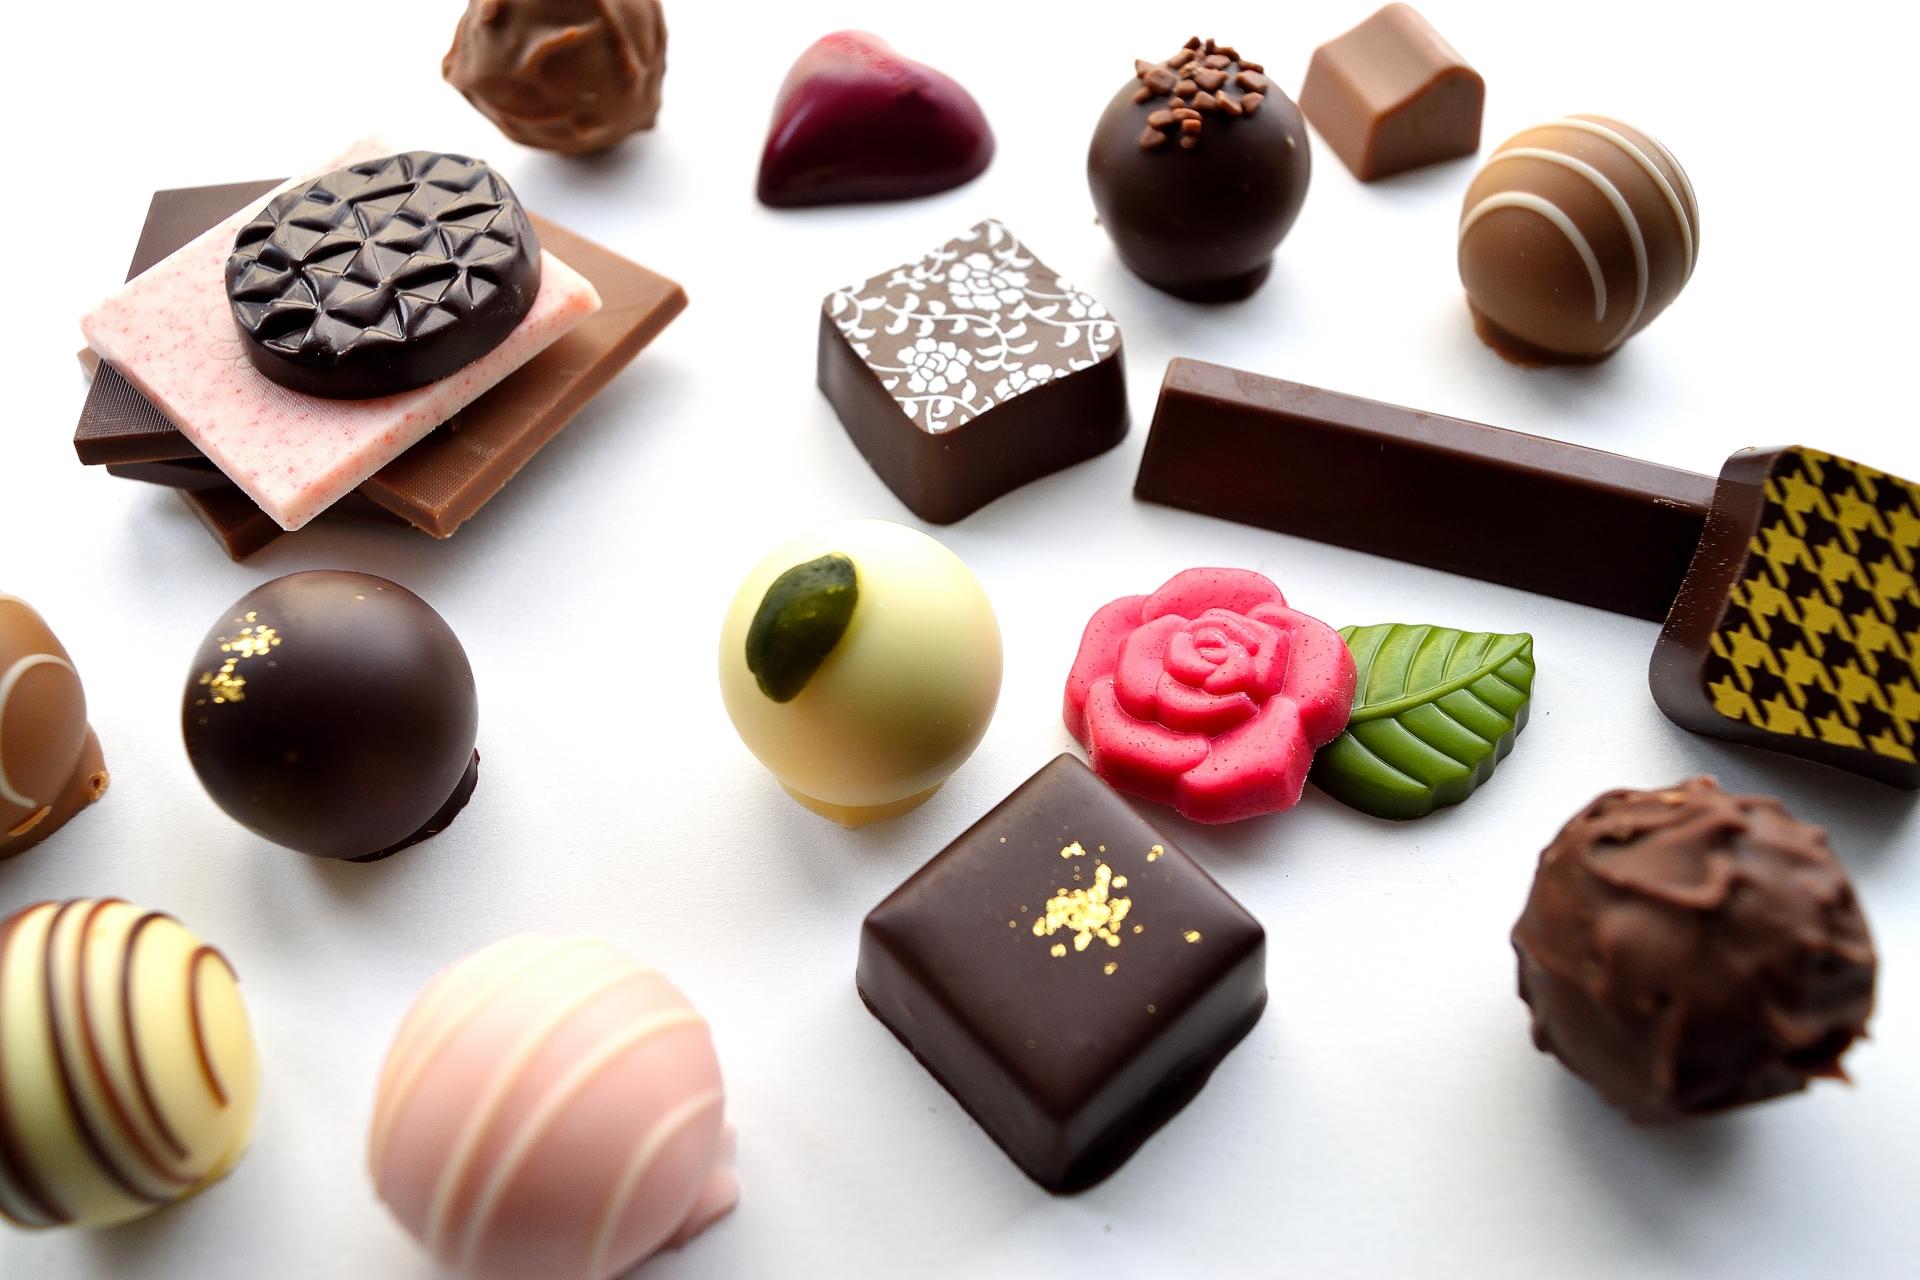 丸の内でチョコレートならコレ!専門店やカフェなどおすすめ店をご紹介!